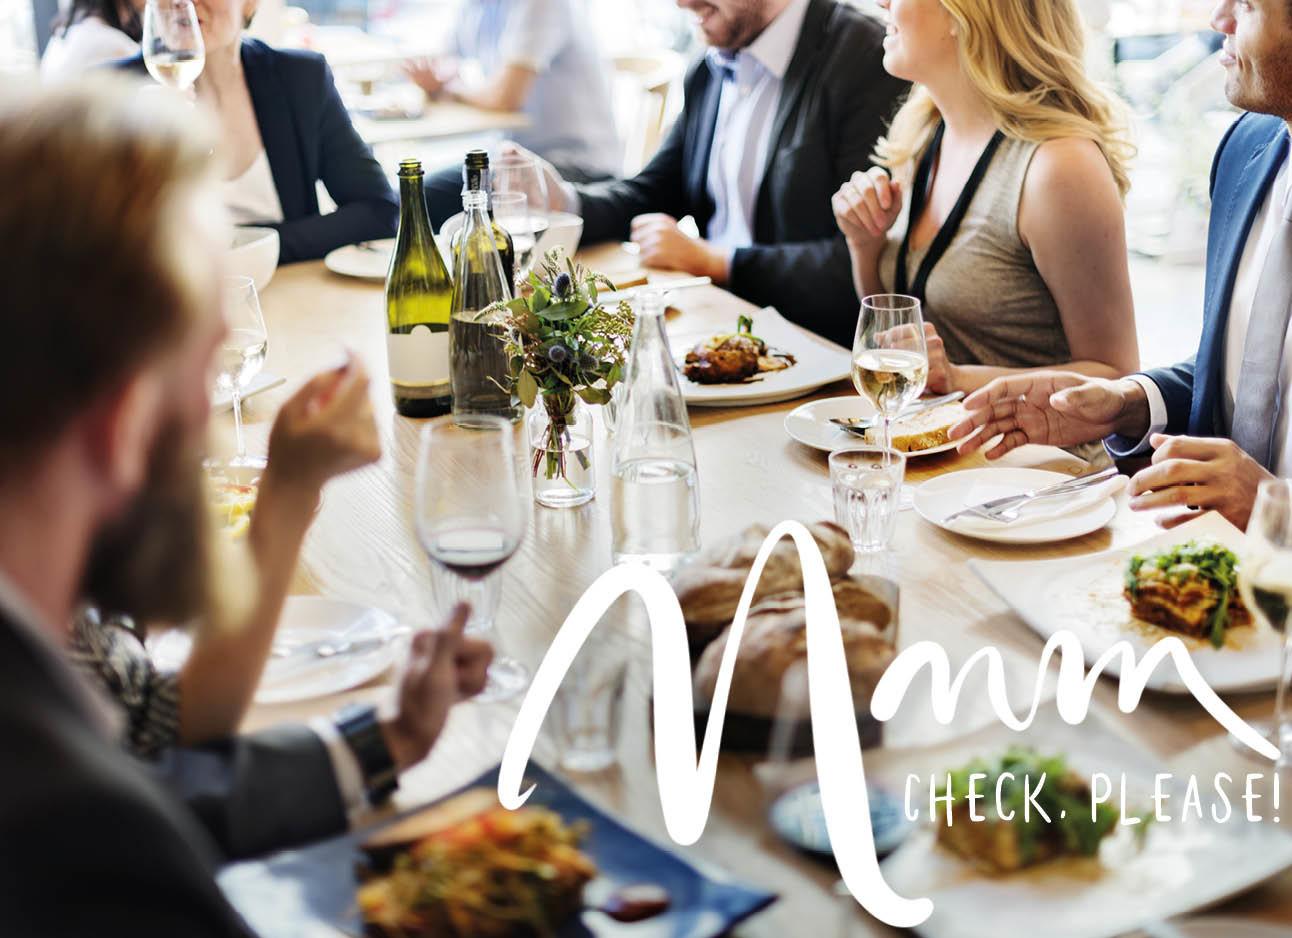 Een groep mensen aan tafel samen eten